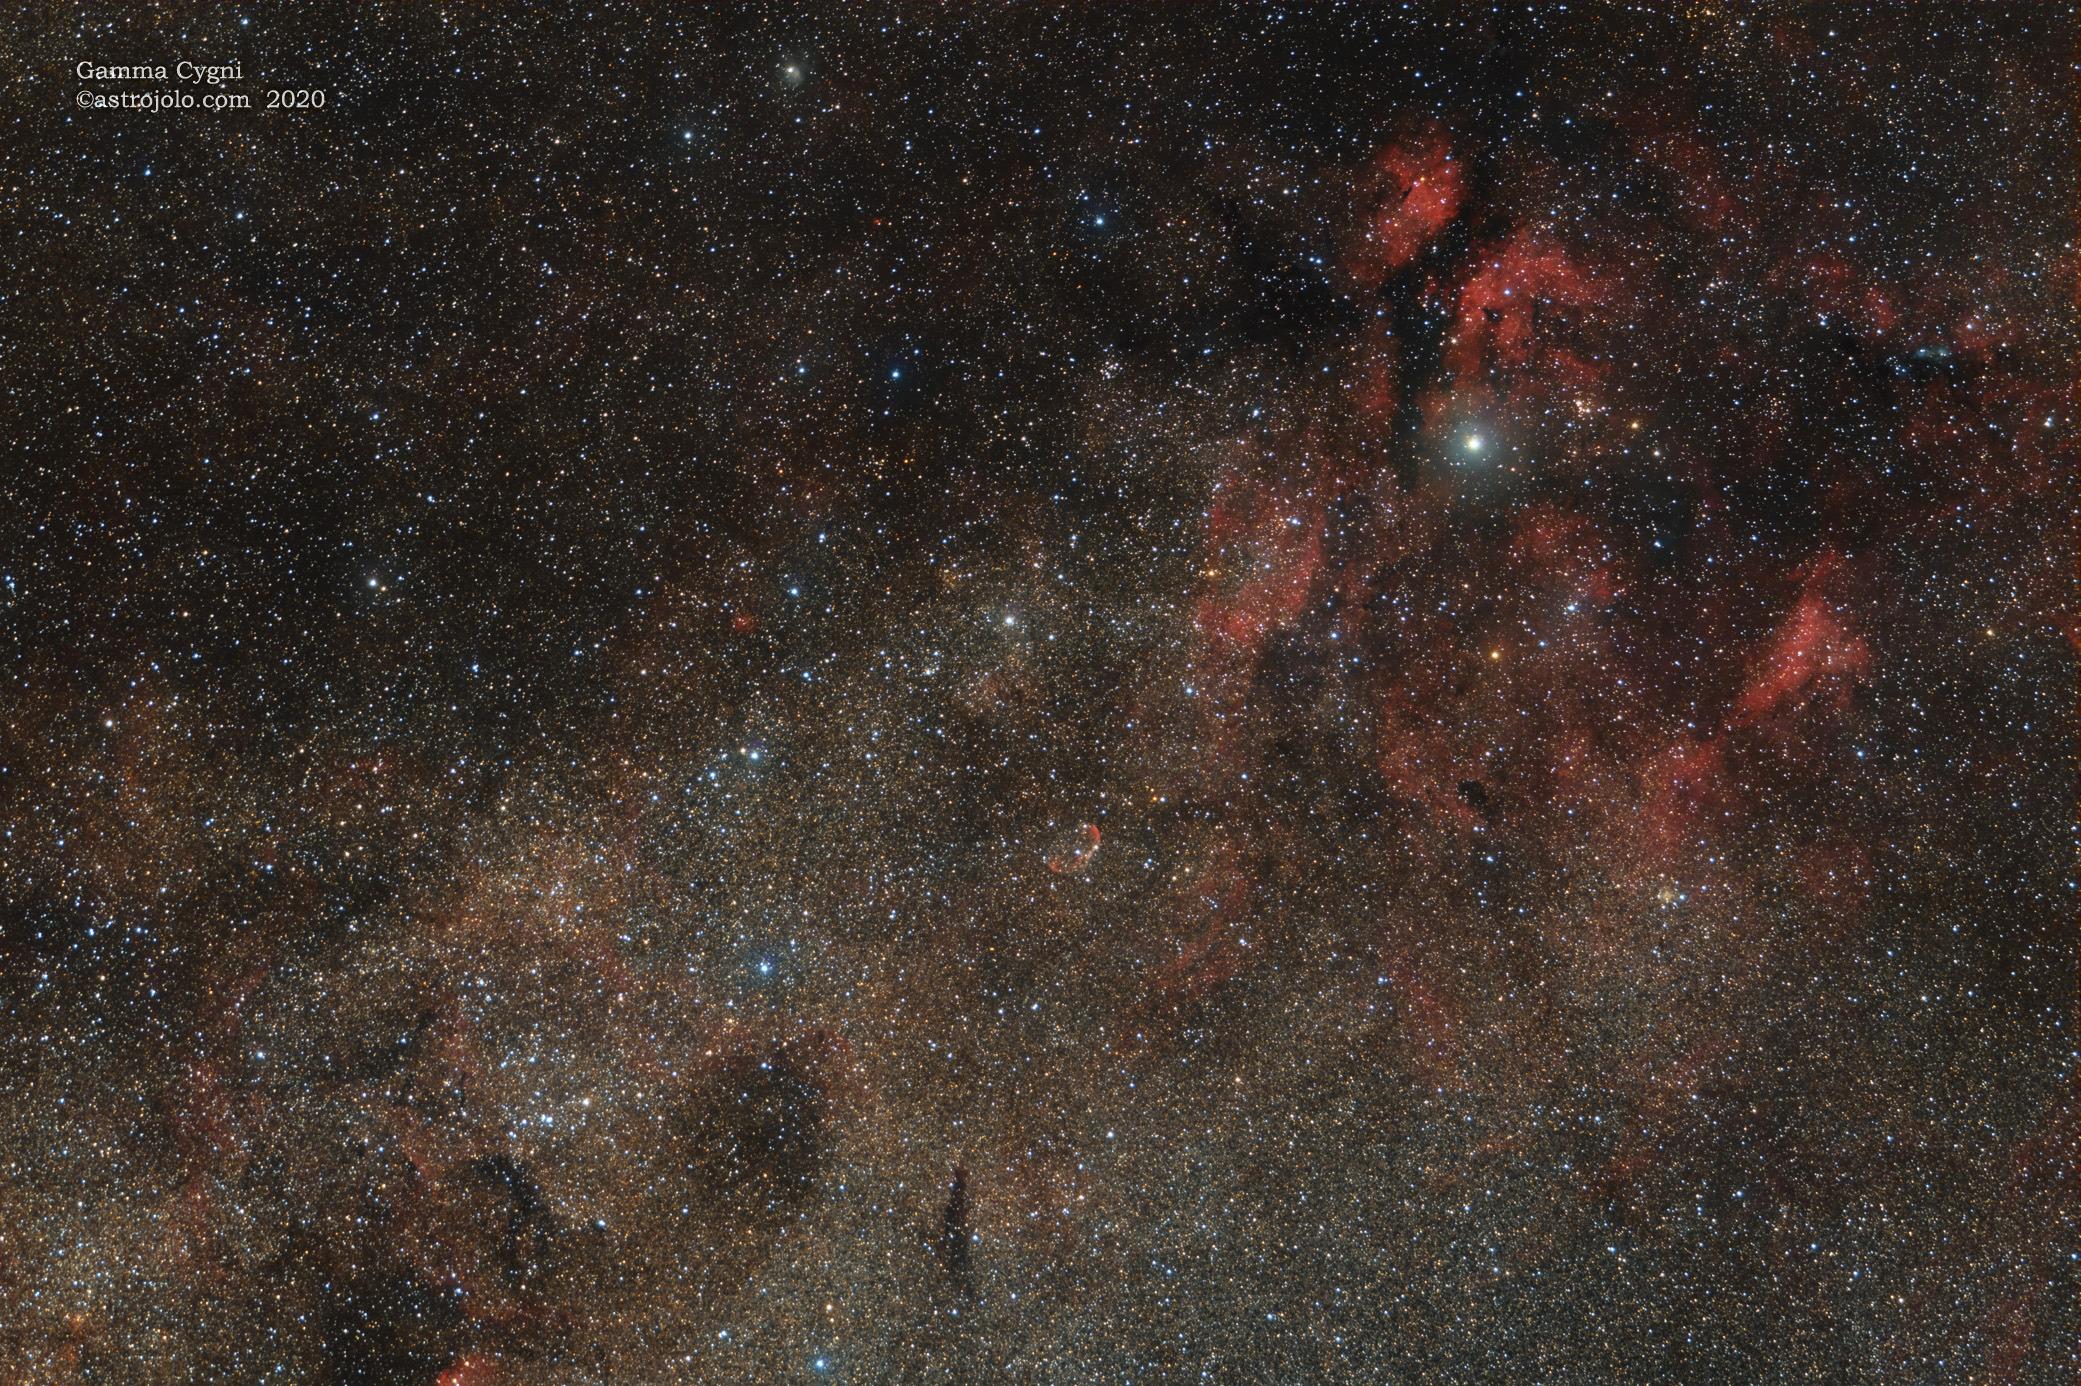 2020-09-19-gamma-cygni-2.jpg